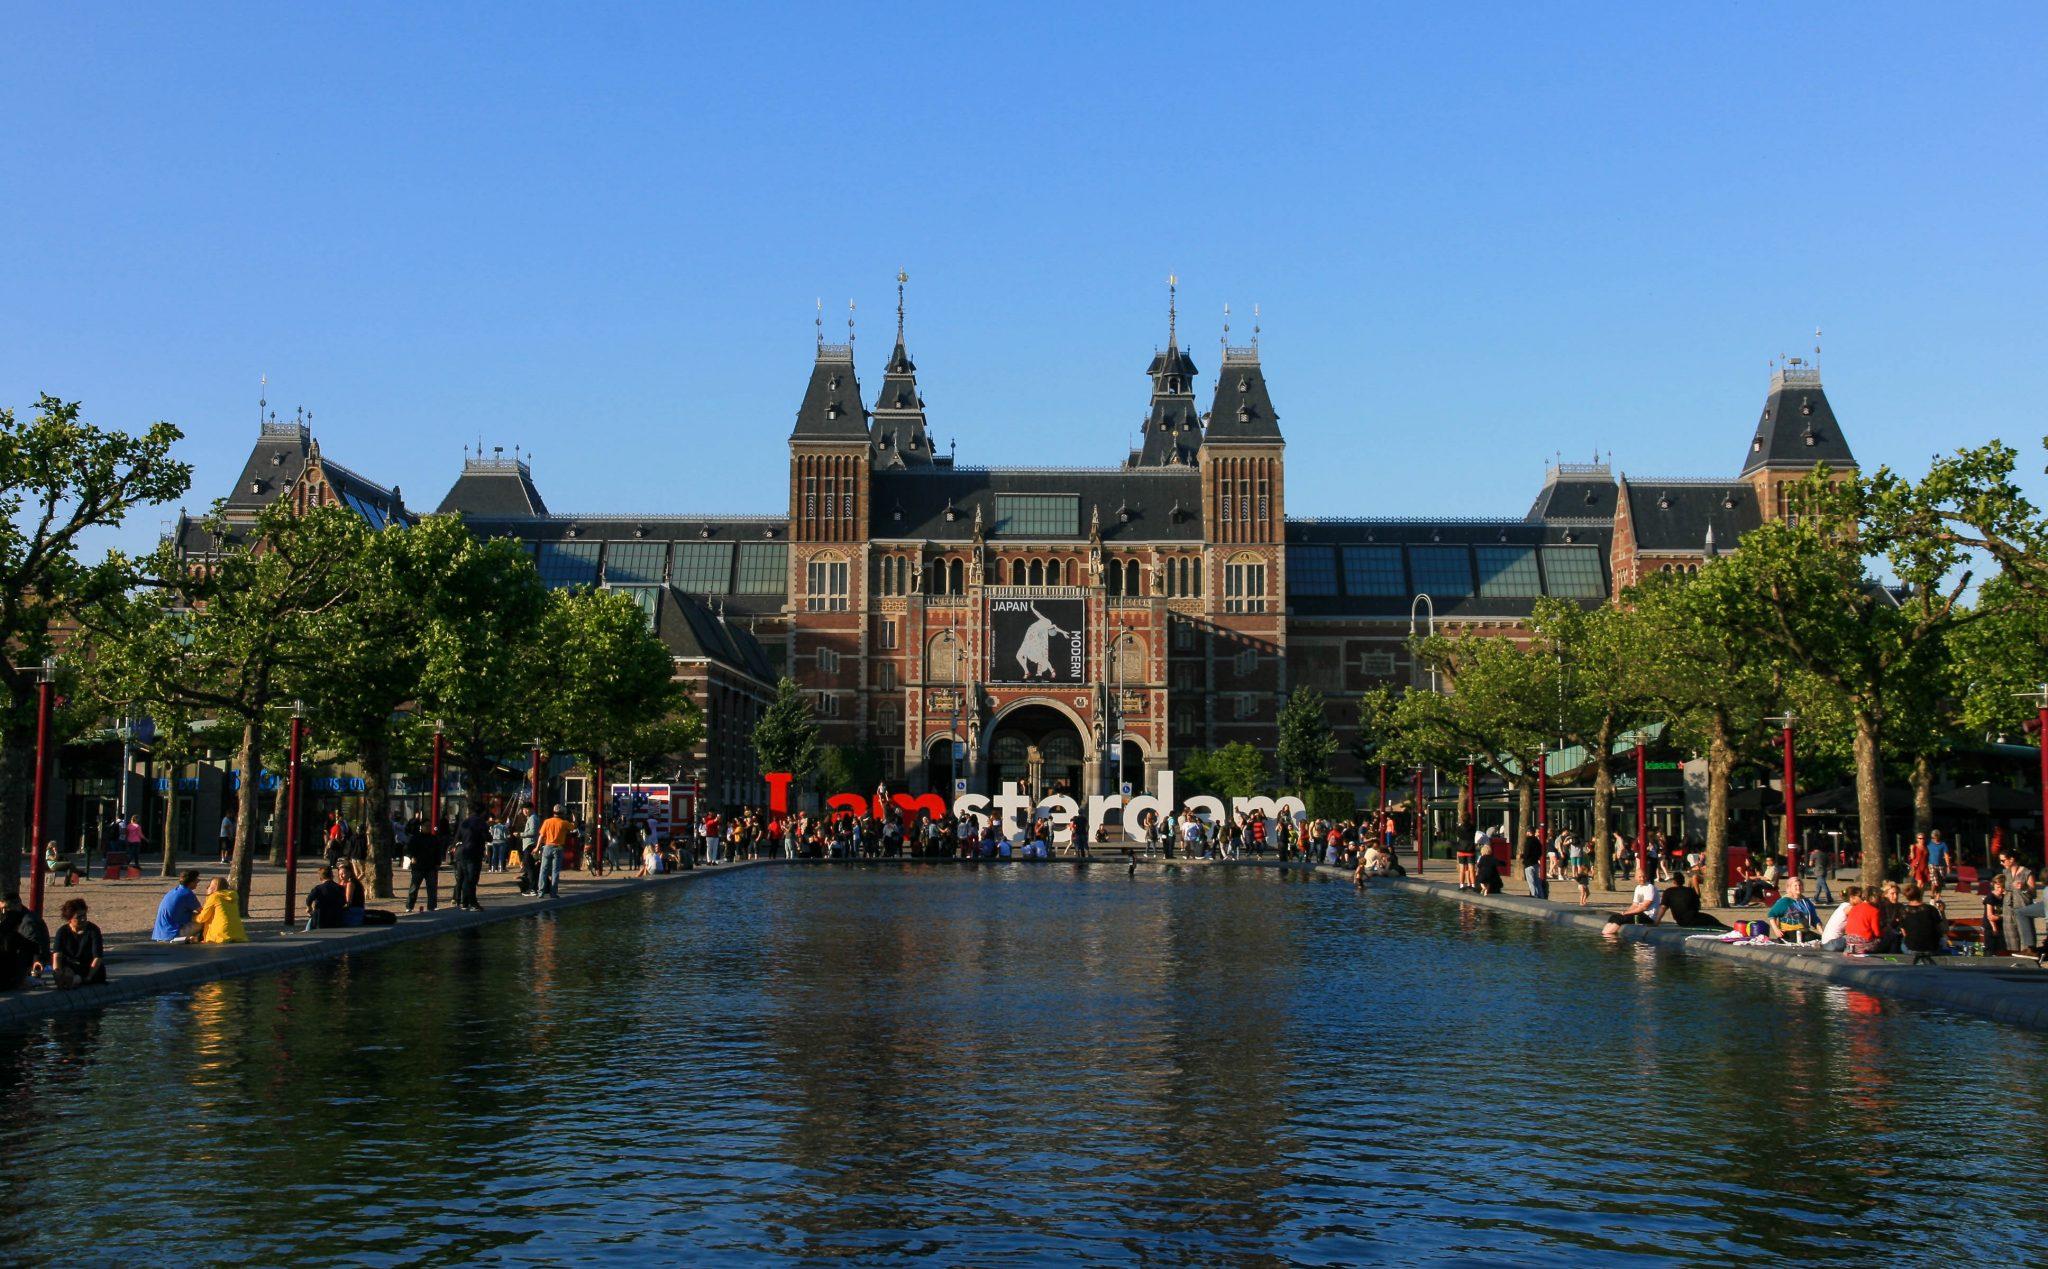 Rijksmuseum을 포함한 암스테르담의 3대 뮤지엄이 한달에 한번 무료로 열릴 예정!